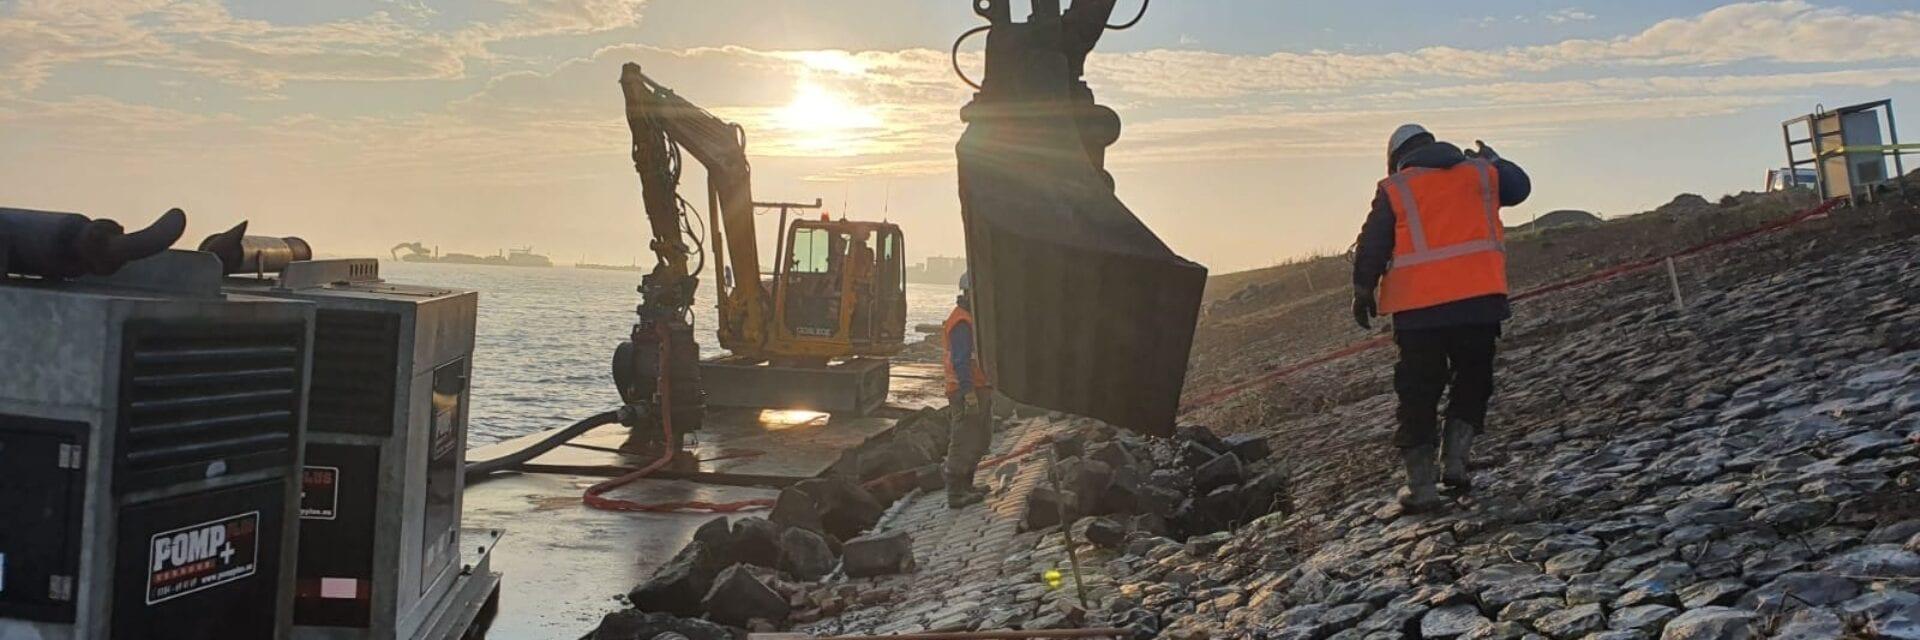 Op deze foto zie je de dijk aan IJsselmeerzijde waaraan gewerkt wordt. Je ziet een shovel, dijkbekleding en een man aan het werk.